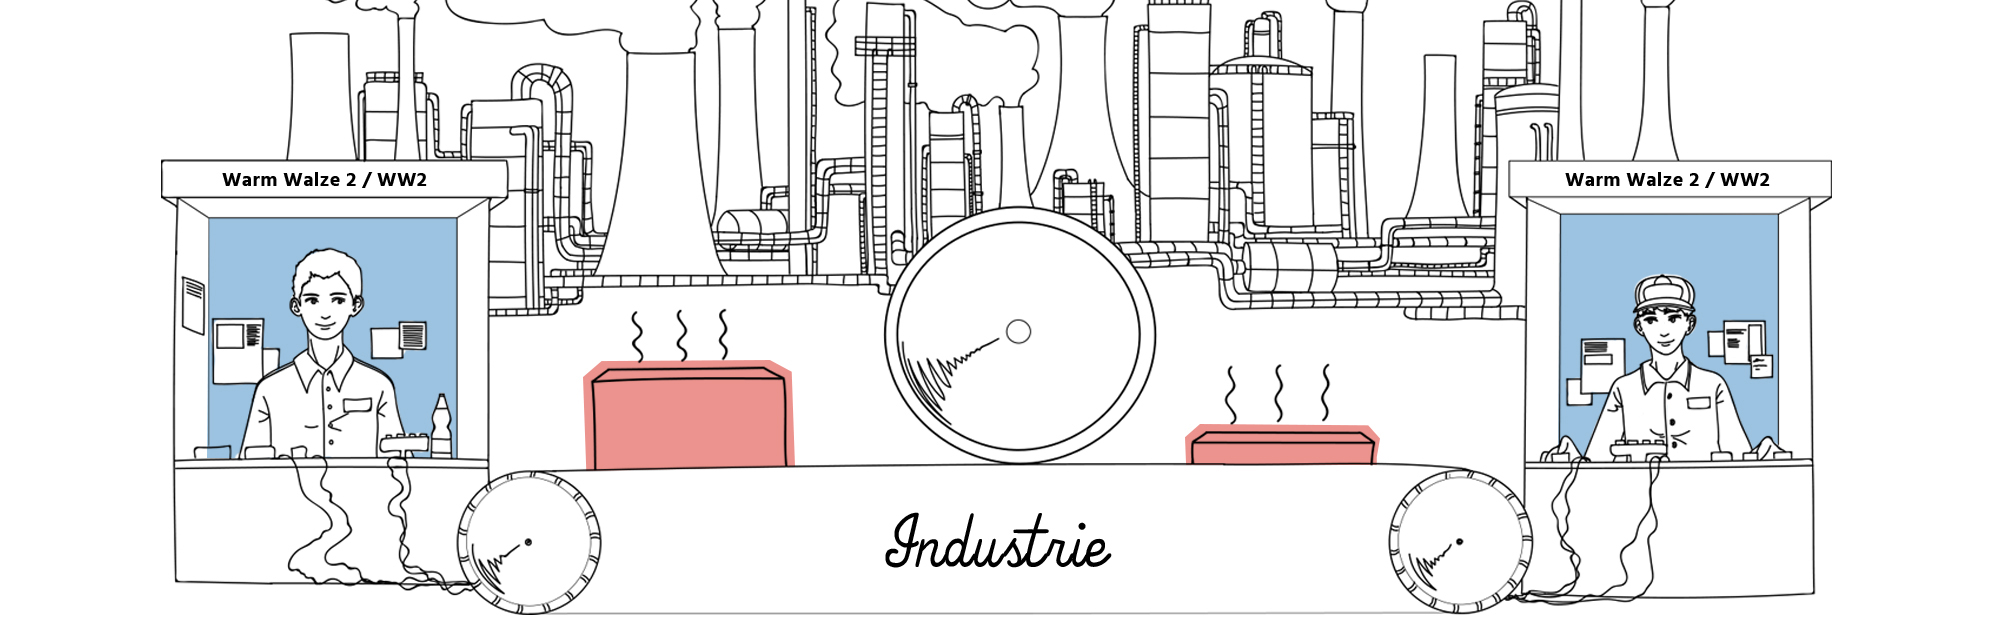 Industriell genutzte Kühlung